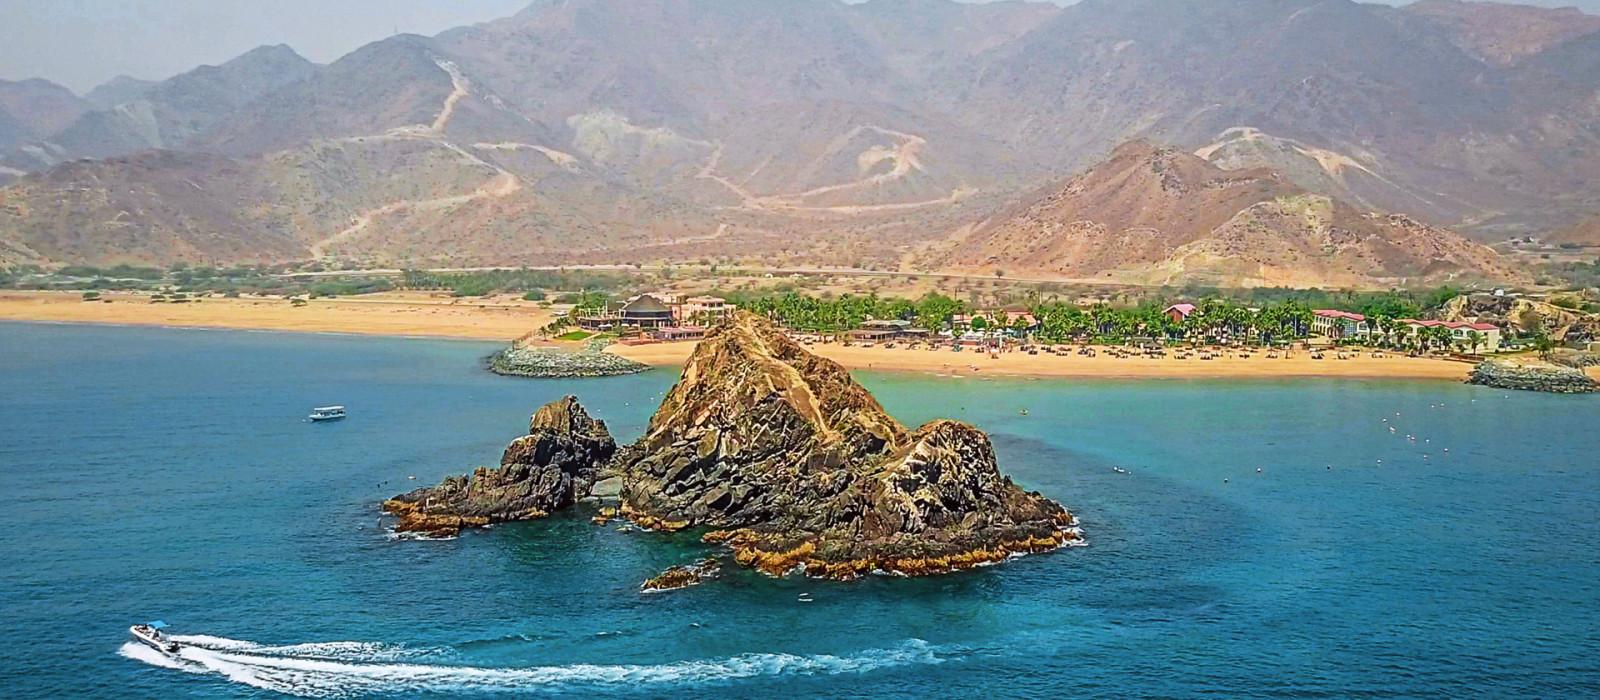 Destination Fujairah United Arab Emirates